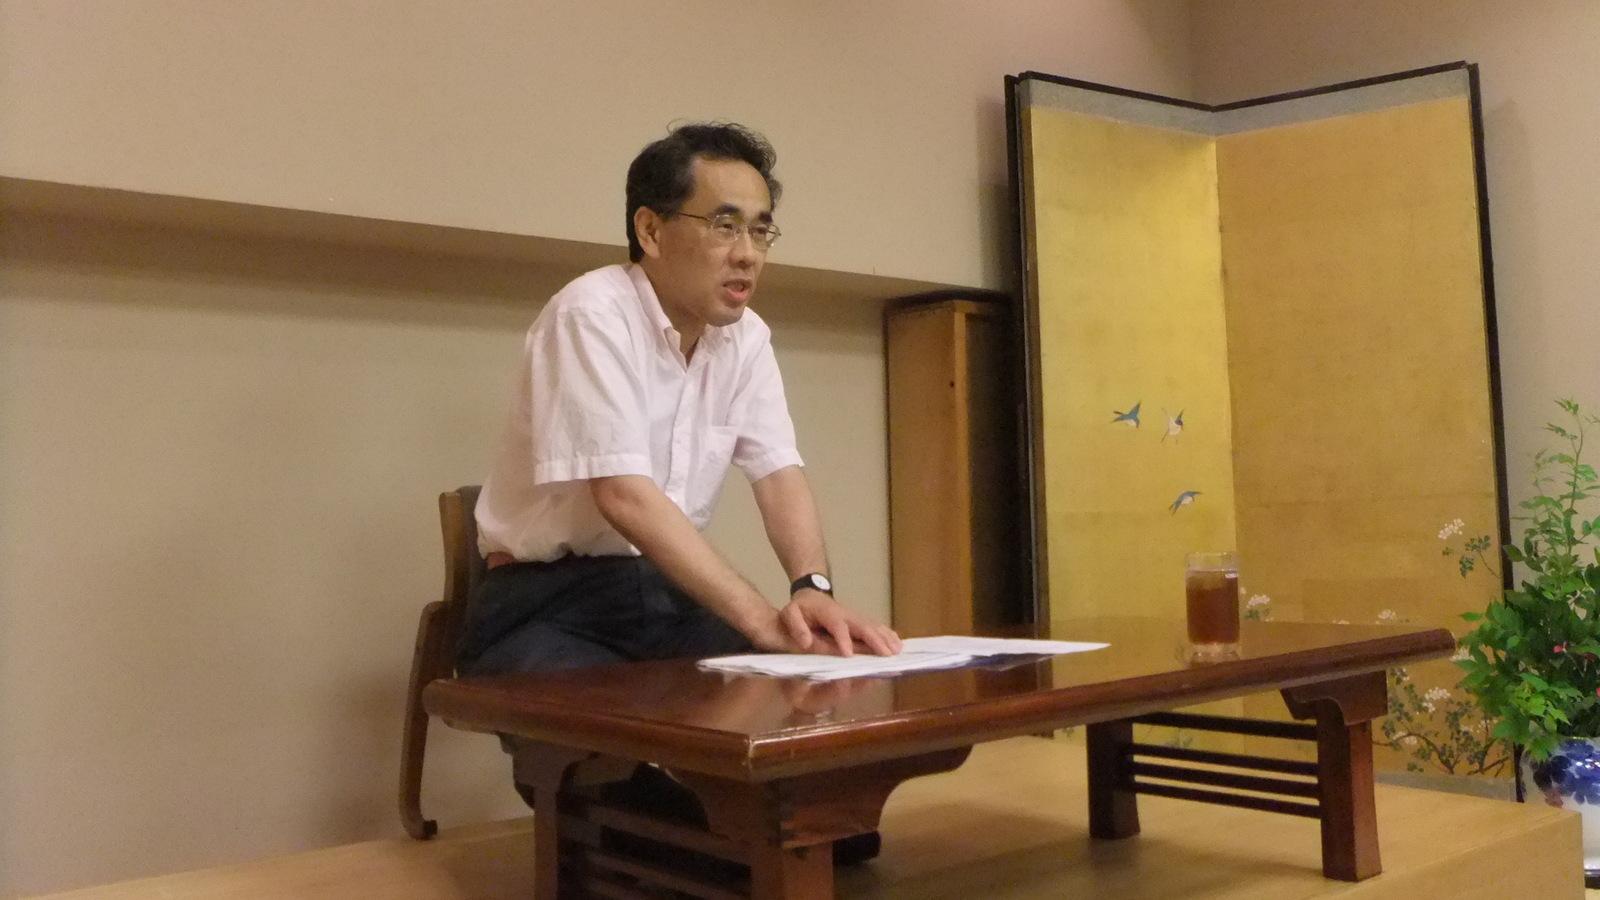 長谷川榮一元中小企業庁長官の講演を聞いて: 旧 人事のブレーン社会 ...